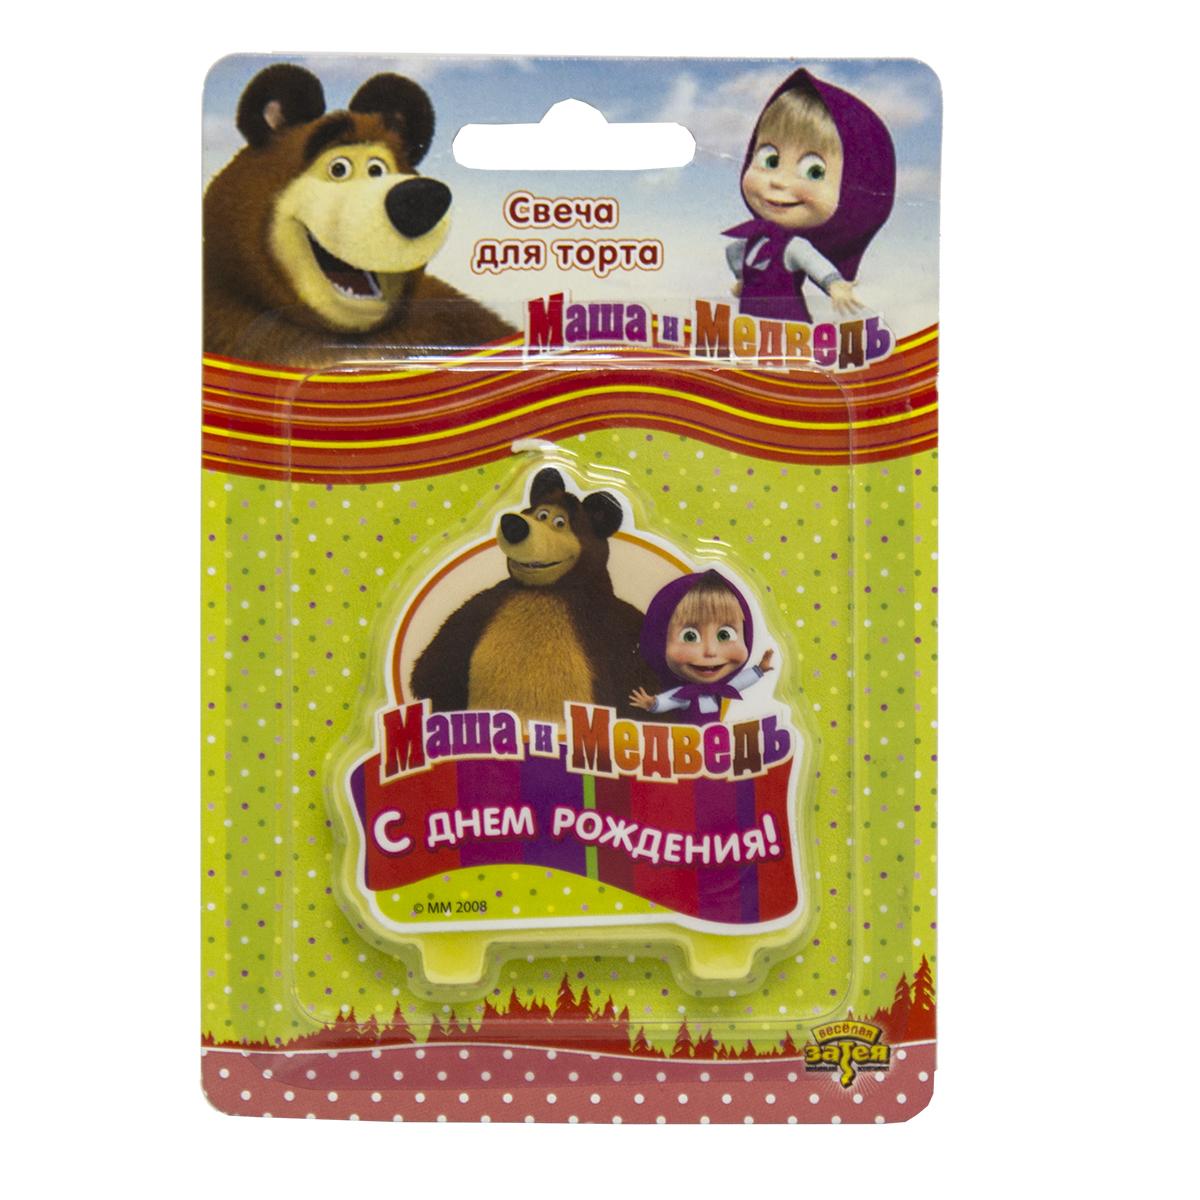 Маша и Медведь Свеча для торта С днем рождения свеча маша и медведь цифра 1